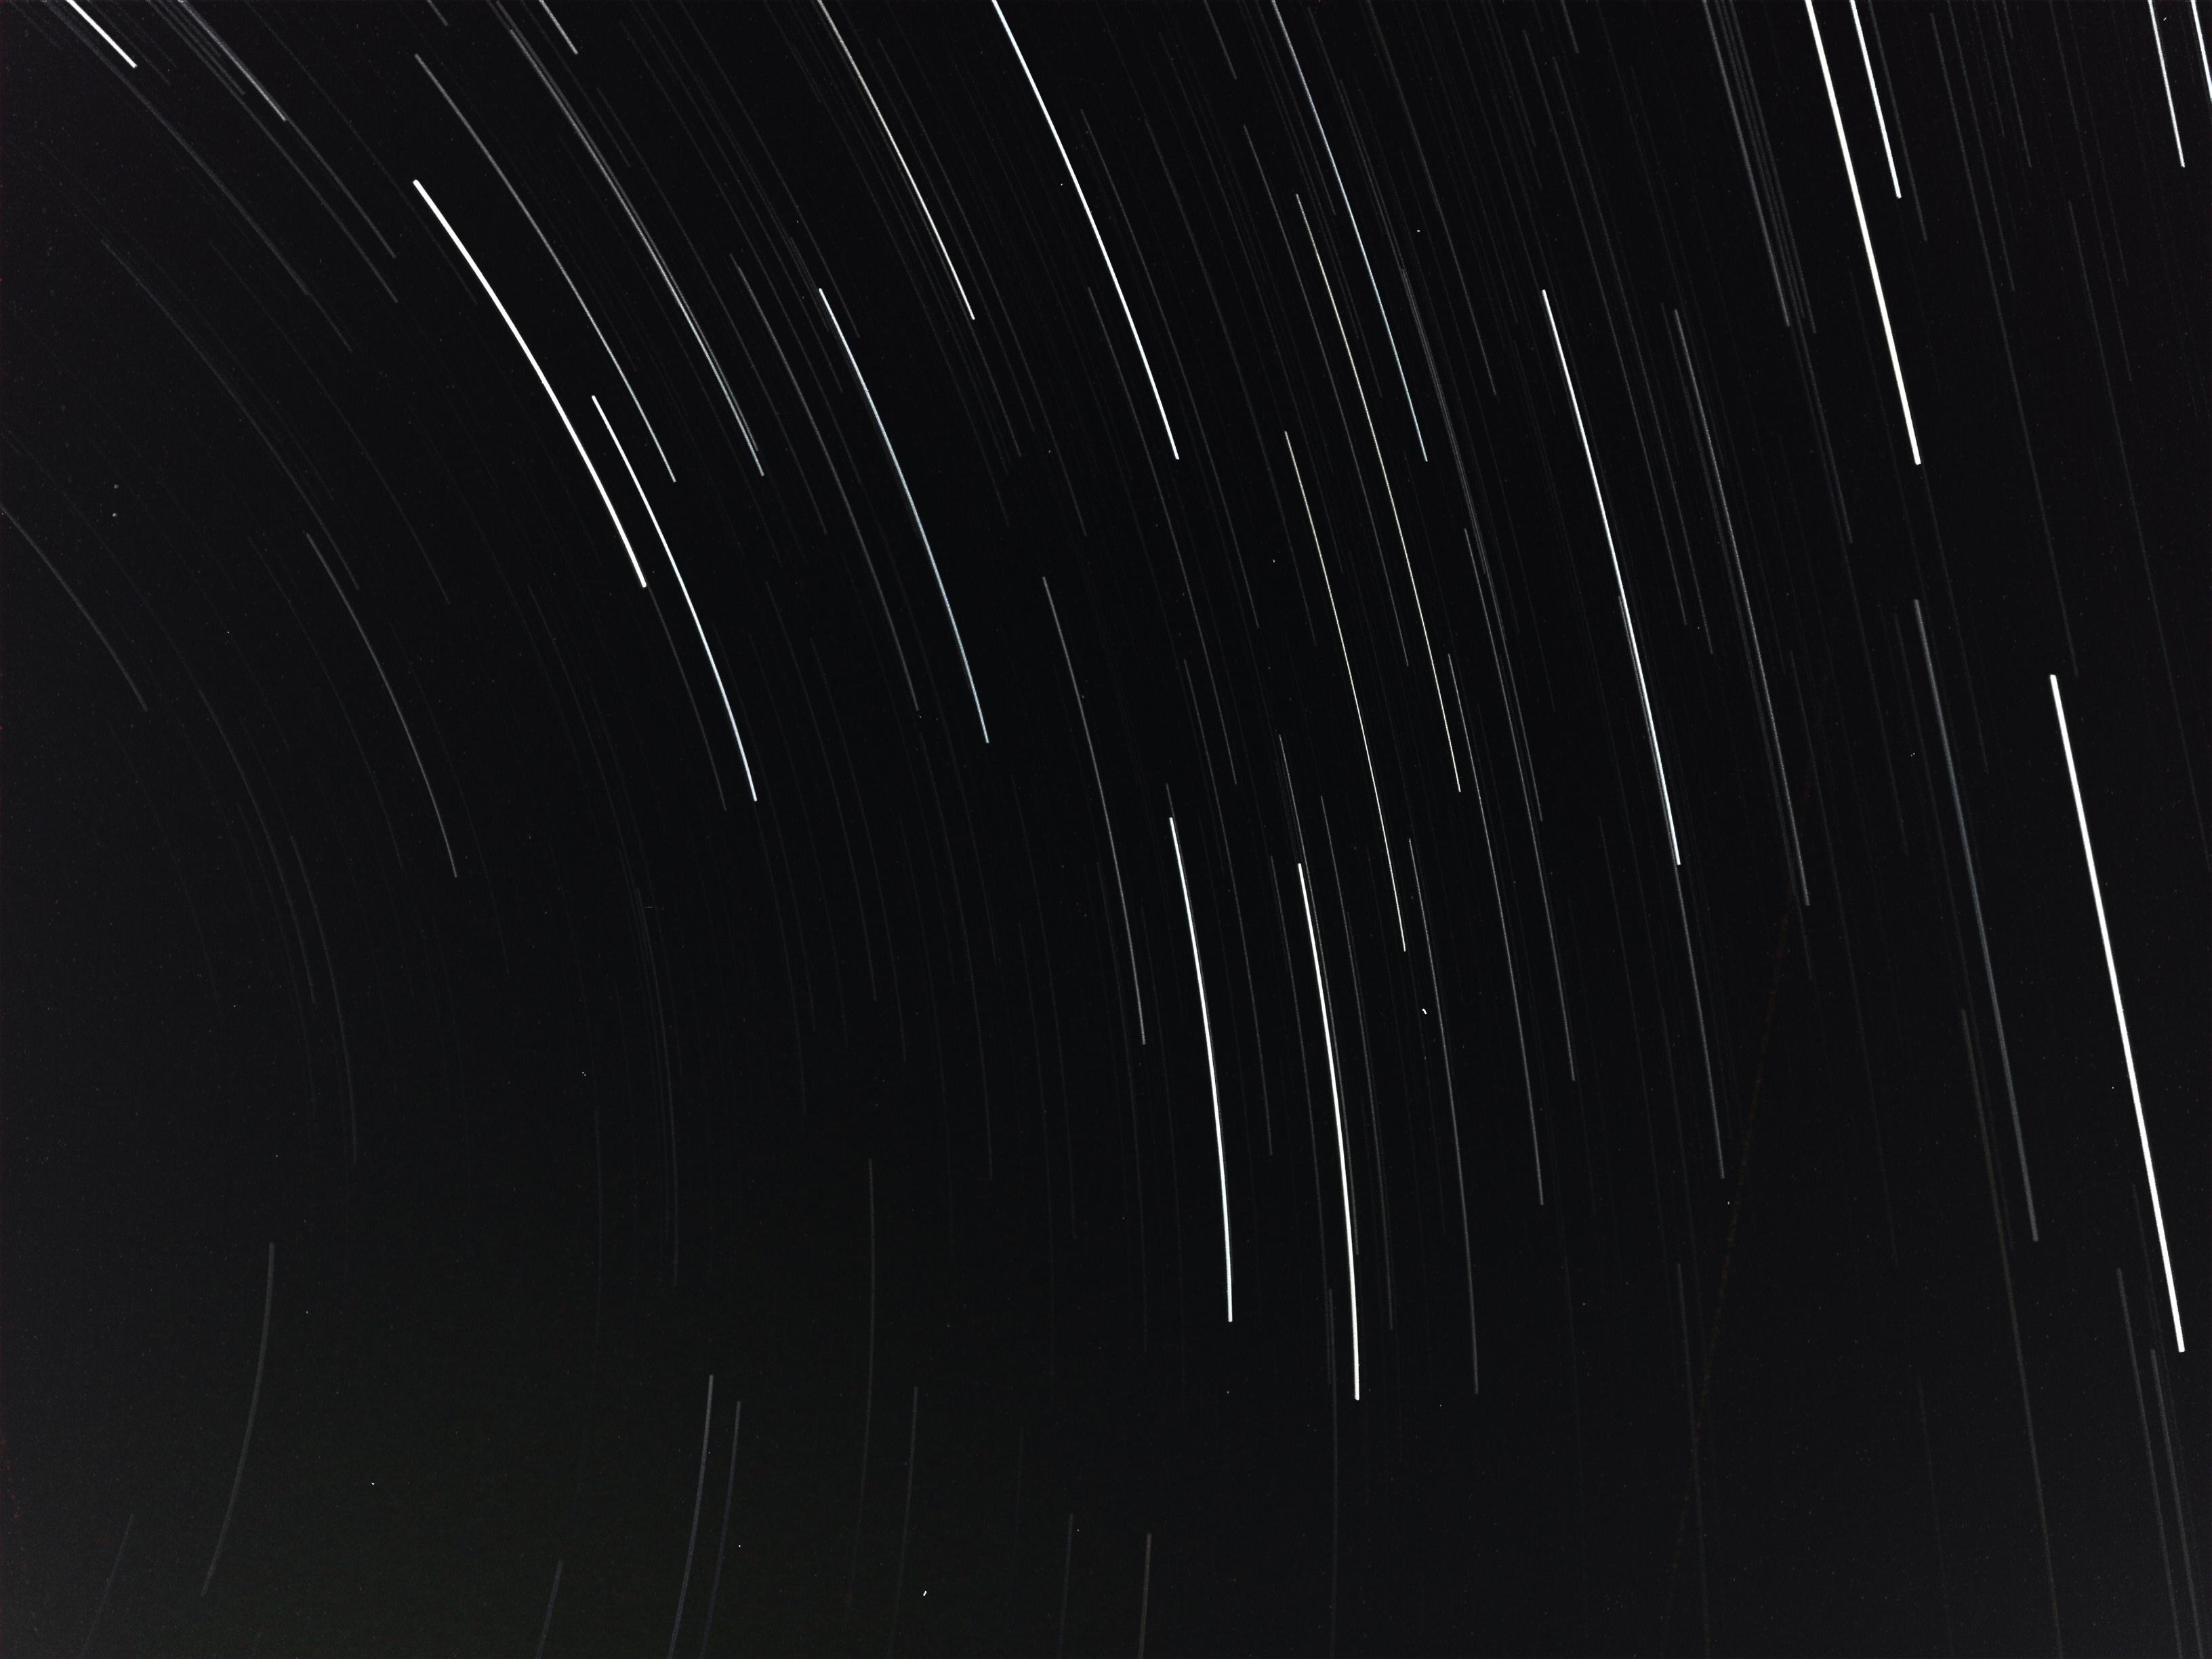 星轨2.jpg